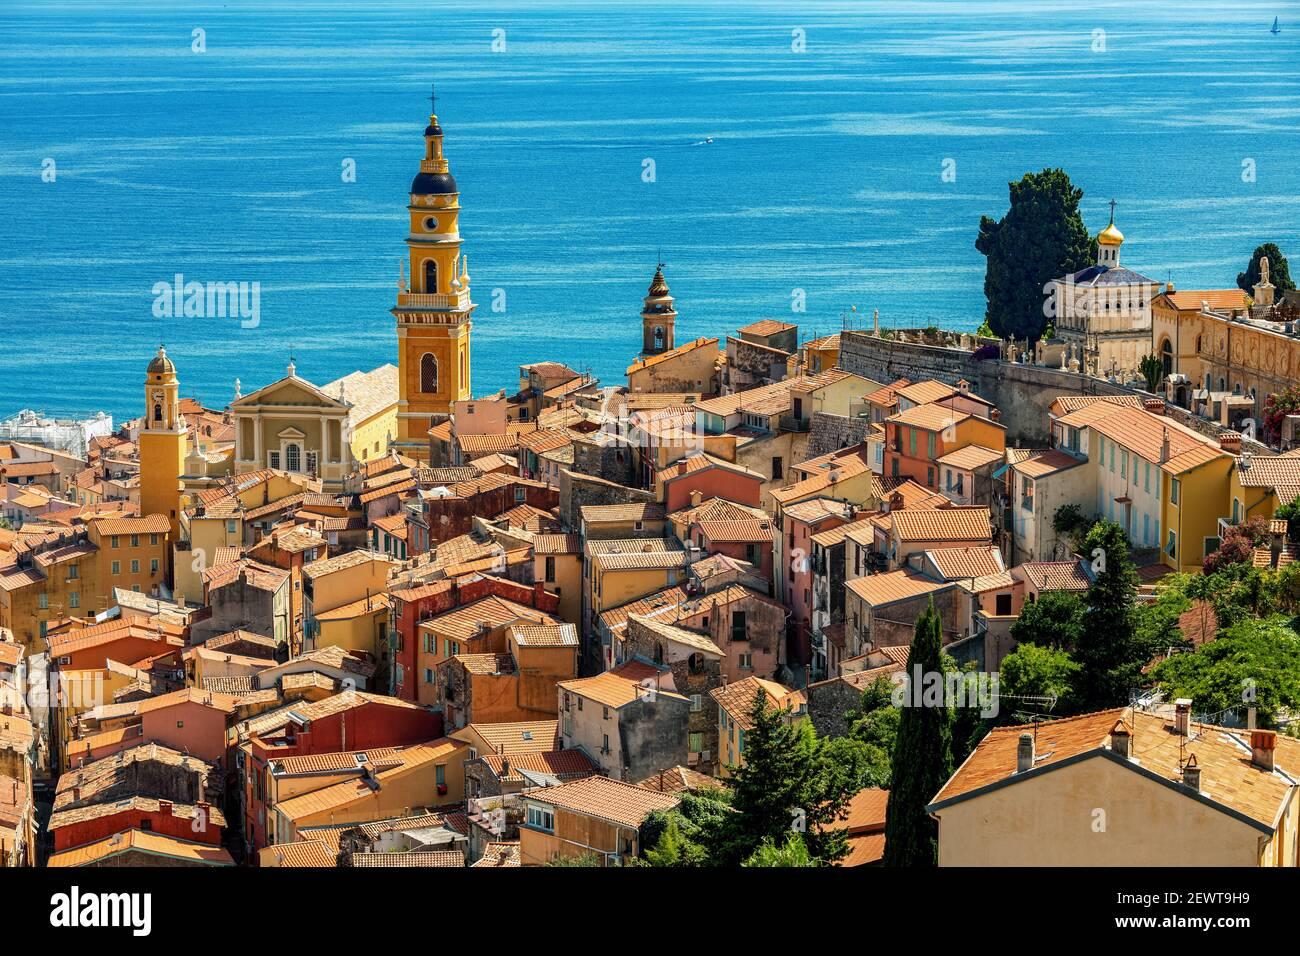 Blick von oben auf die Altstadt von Menton mit Blick auf das Mittelmeer an der französischen Riviera. Stockfoto